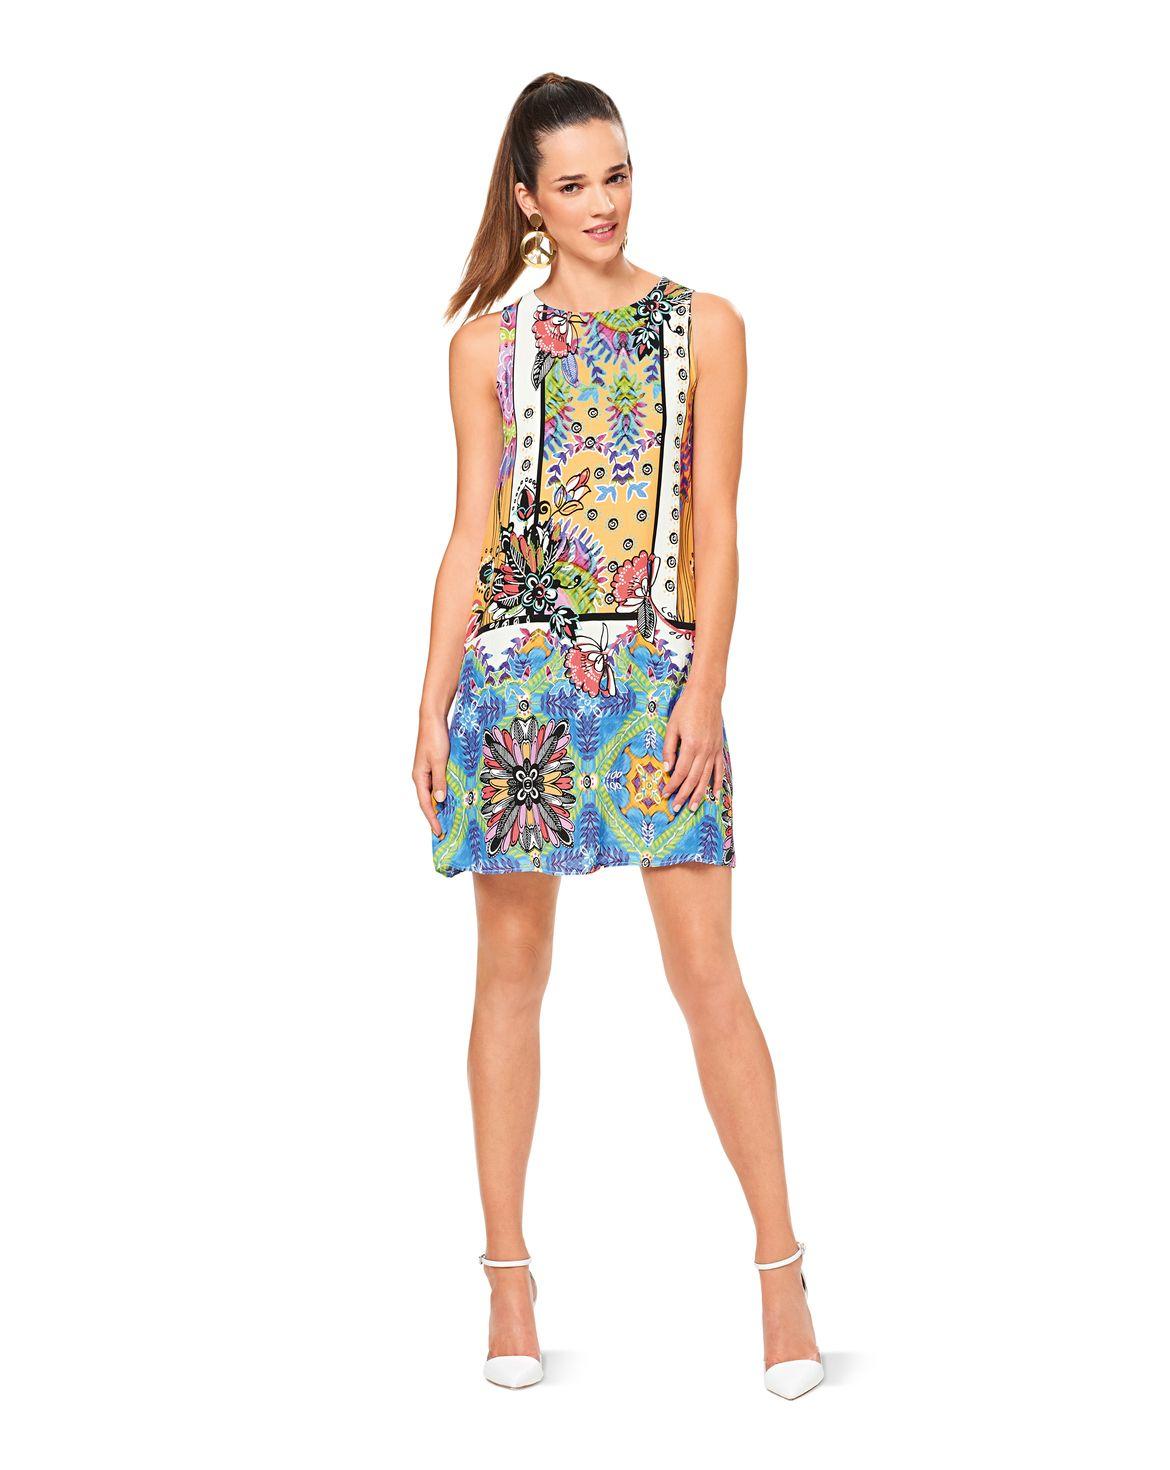 Hänger-Kleid F/S 2017 #6541C   Pinterest   Burda style, Rücken und ...